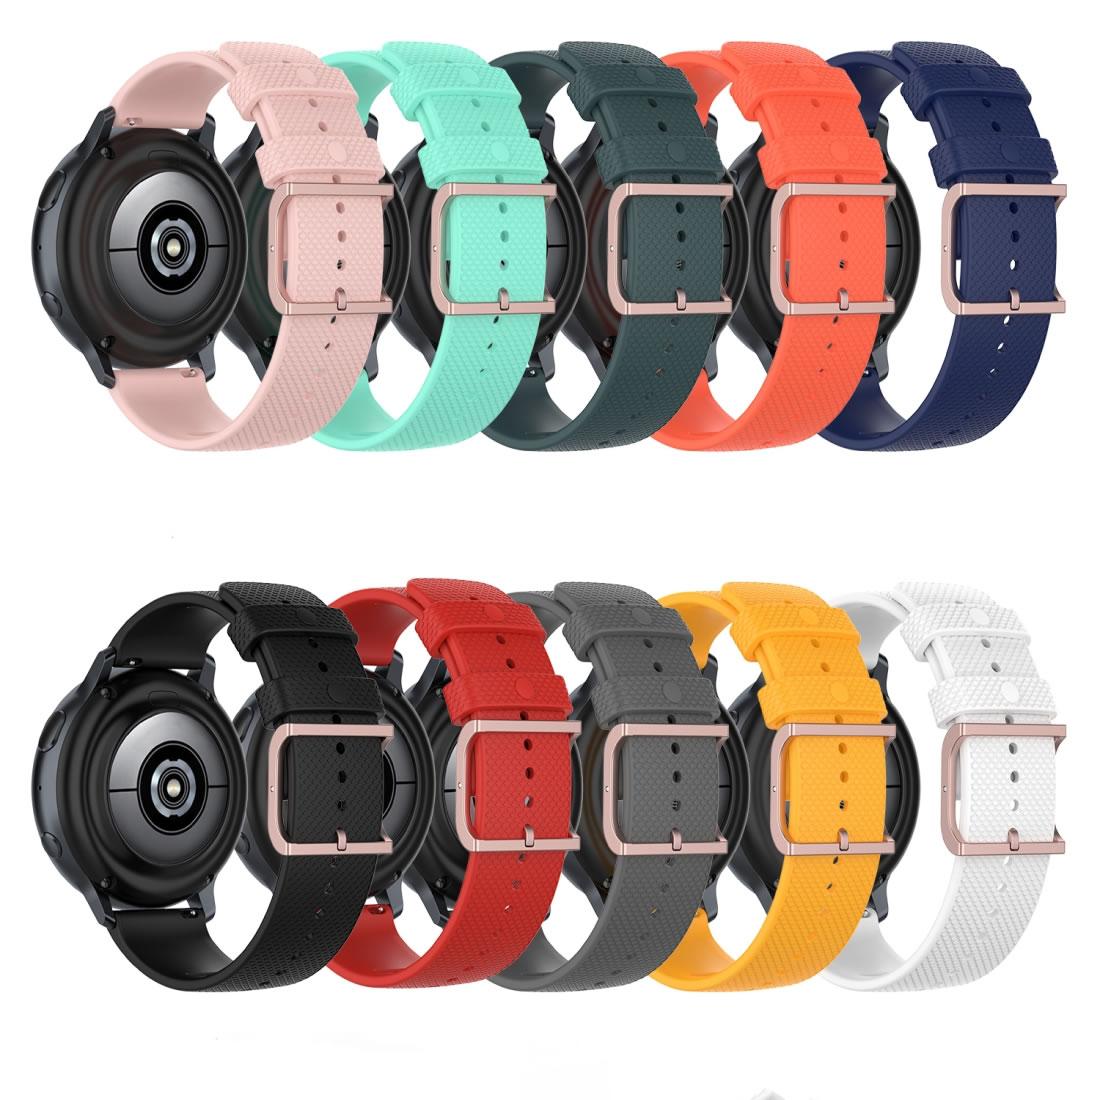 Pulseira 20mm Moderna V2 Fivela Rose compatível com Samsung Galaxy Watch 3 41mm - Galaxy Watch Active 1 e 2 - Galaxy Watch 42mm - Amazfit BIP - GTS - GTR 42MM